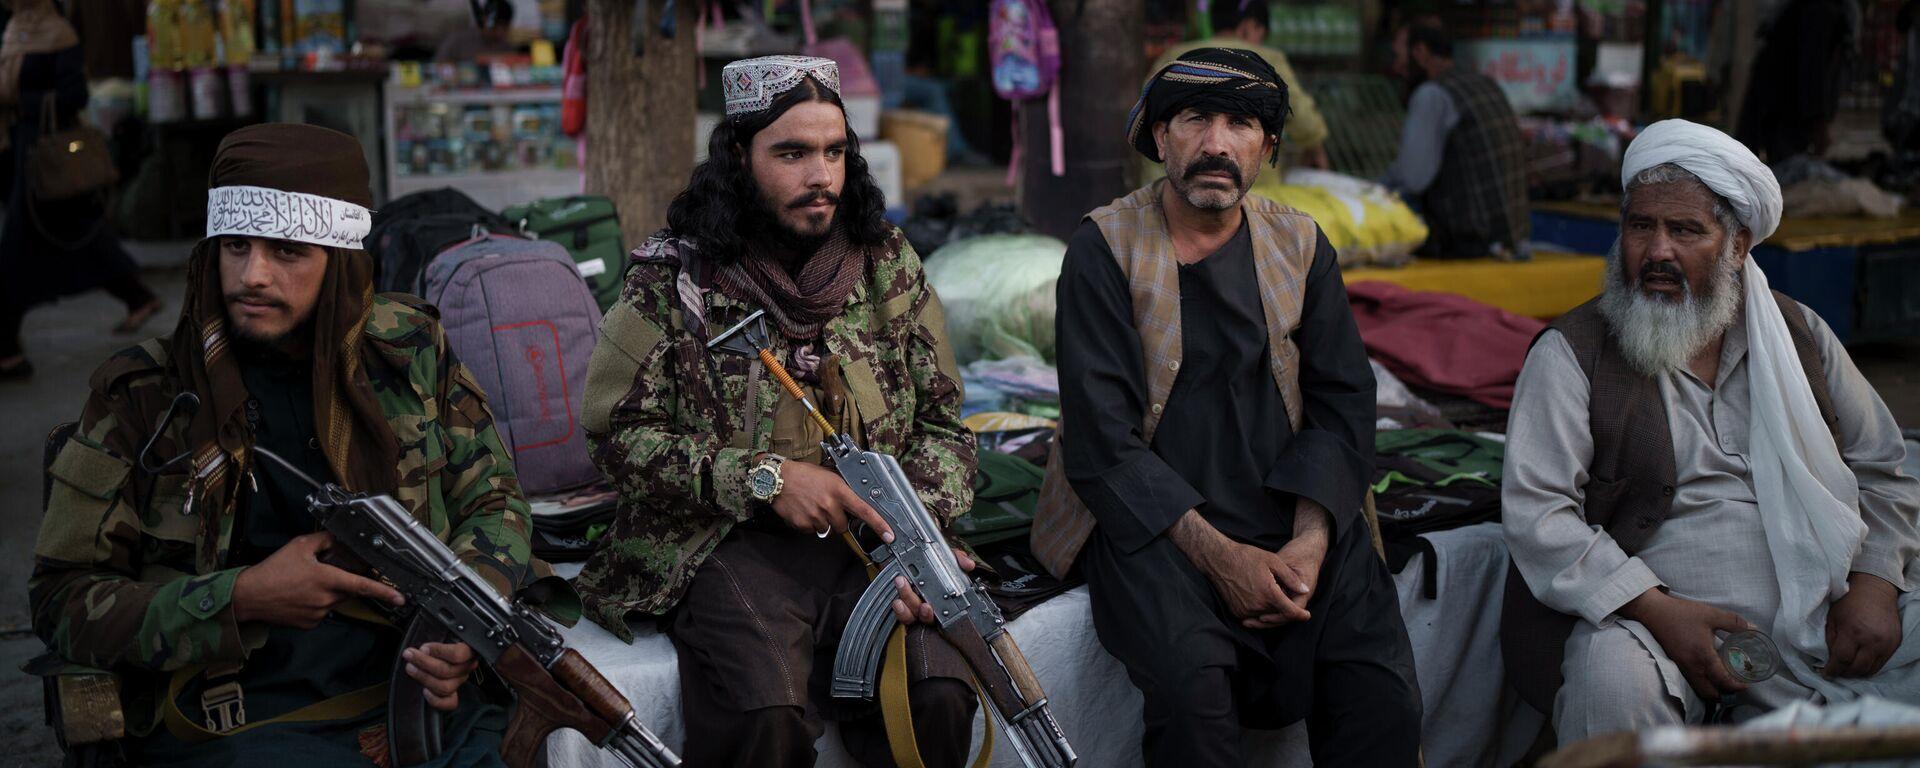 Боевики движения Талибан (террористическая организация, запрещена в России) в Кабуле - Sputnik Грузия, 1920, 27.09.2021